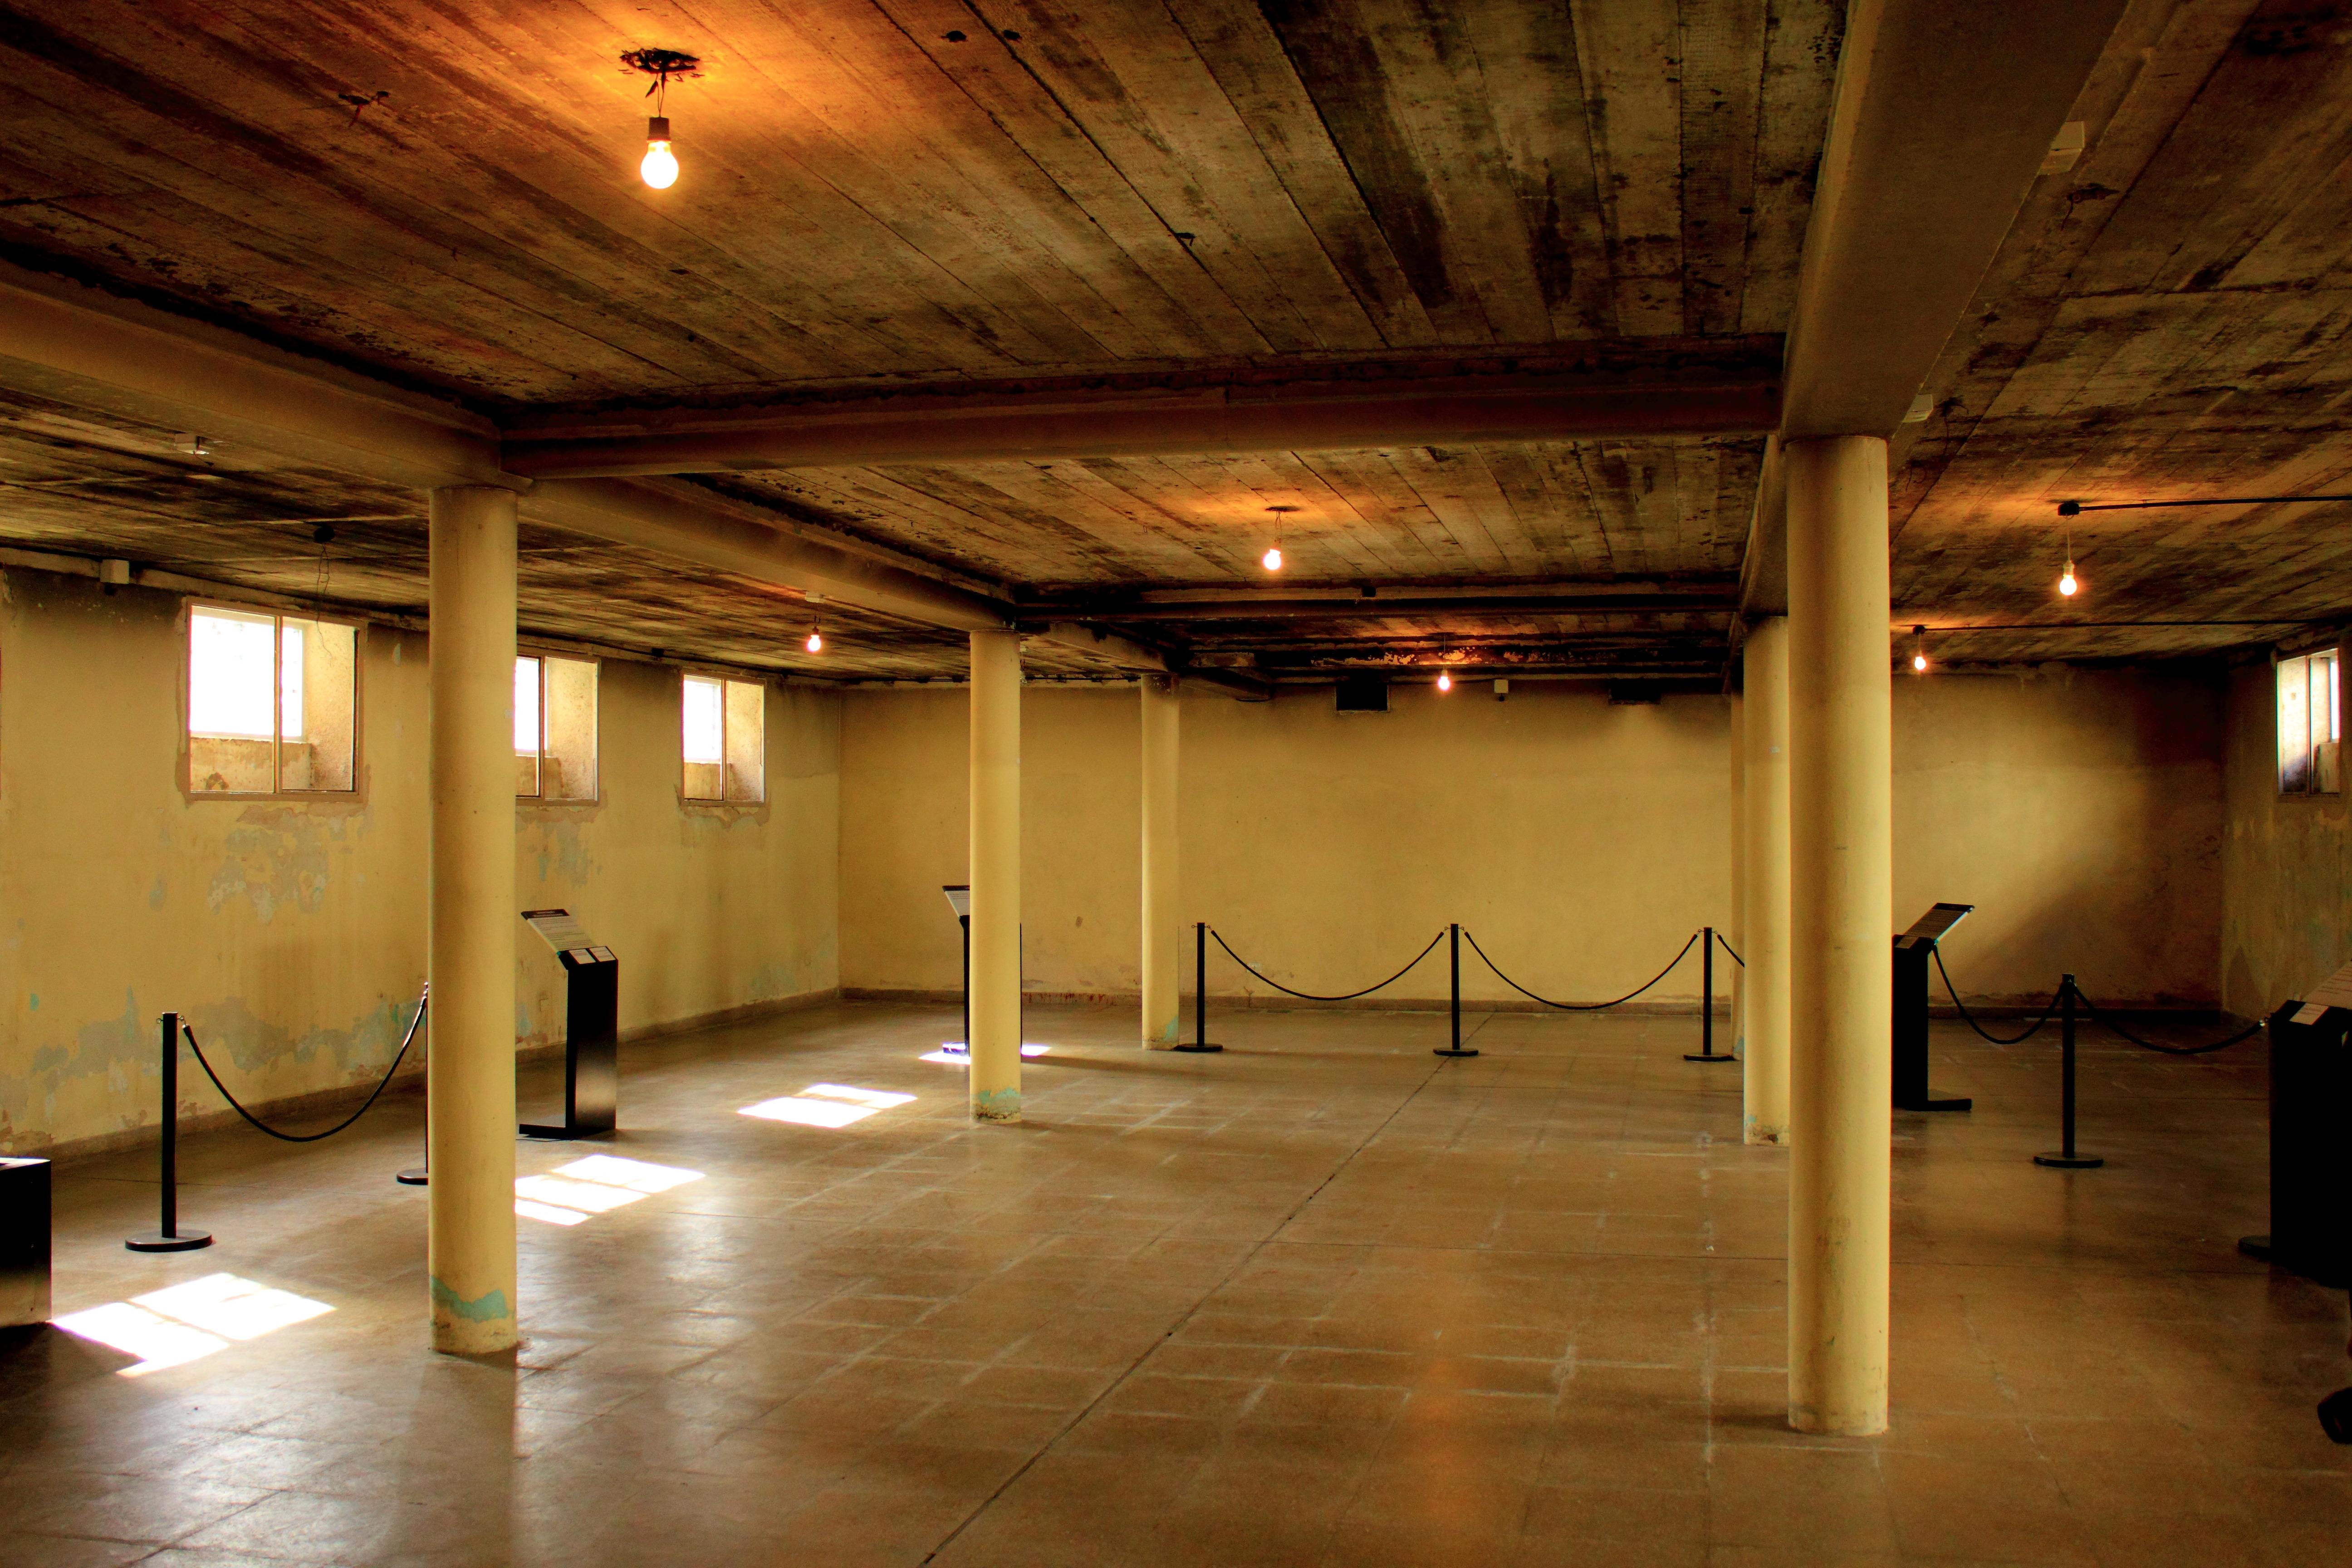 Archivo s tano casino esma 2 jpg wikipedia la - Bodegas en sotanos de casas ...